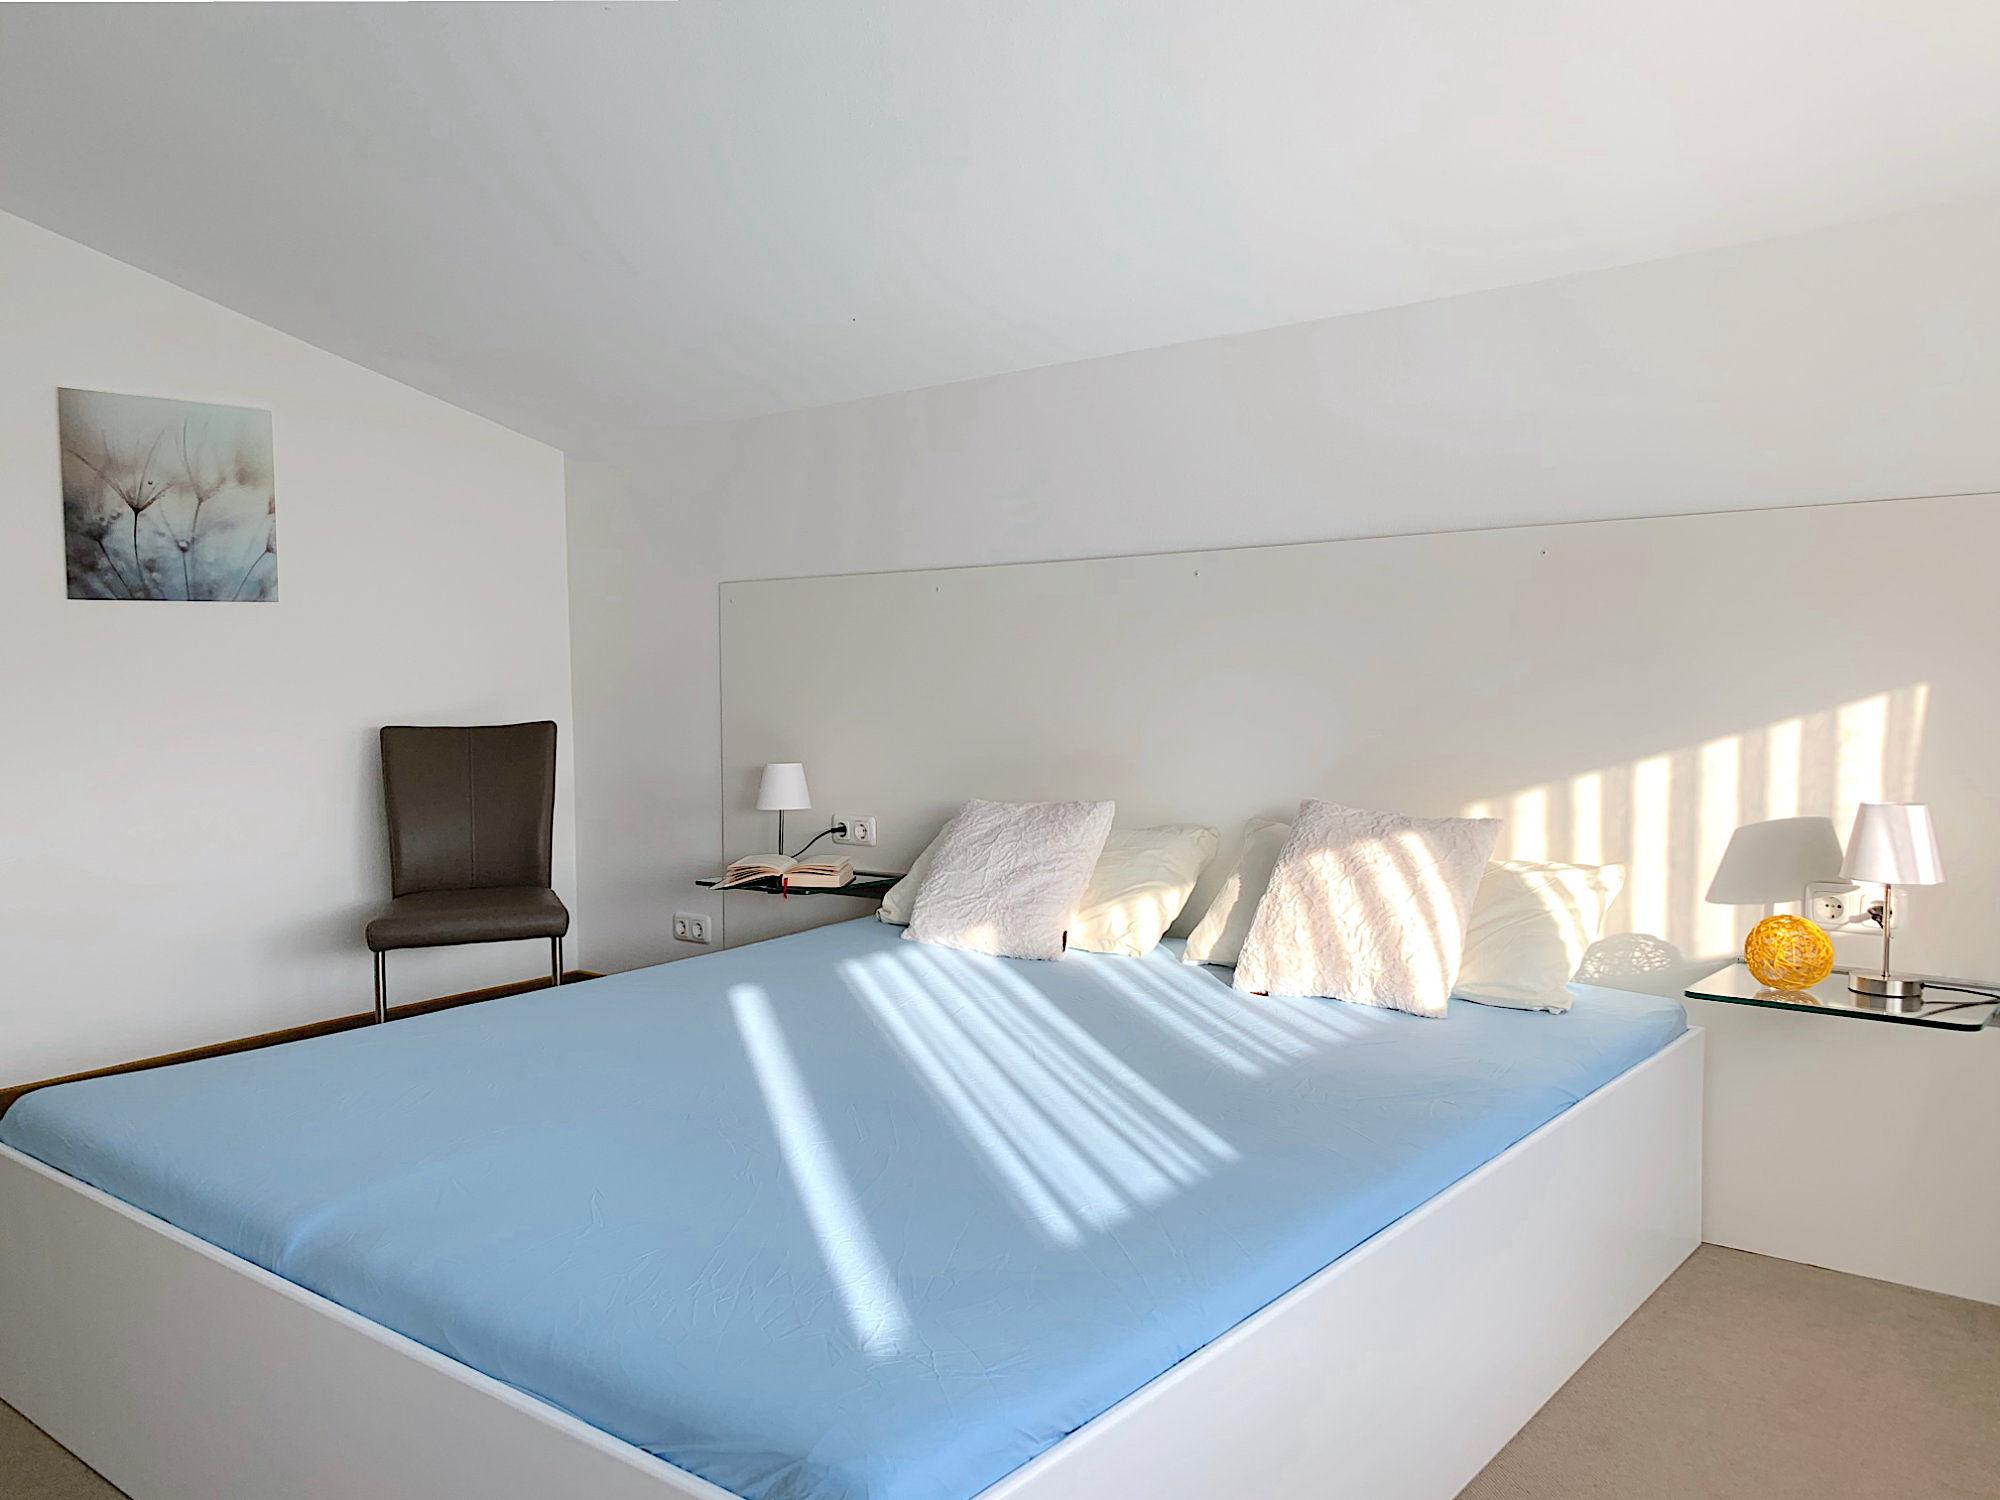 Schlafzimmer mit Doppelbett, dahinter befindet sich ein Stuhl